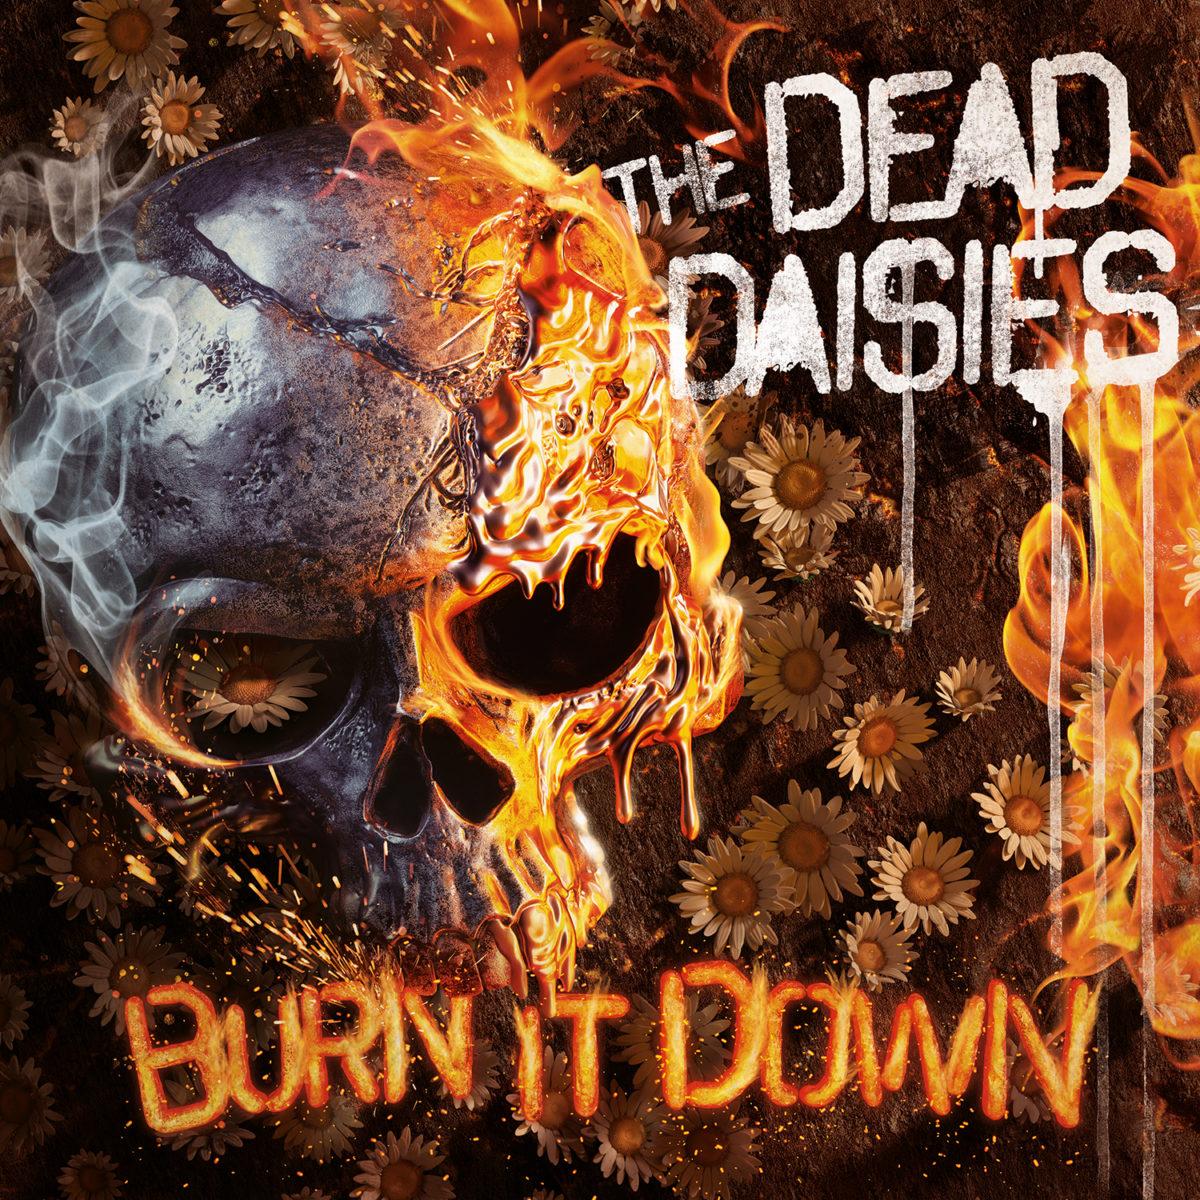 Risultati immagini per dead daisies burn it down cover album